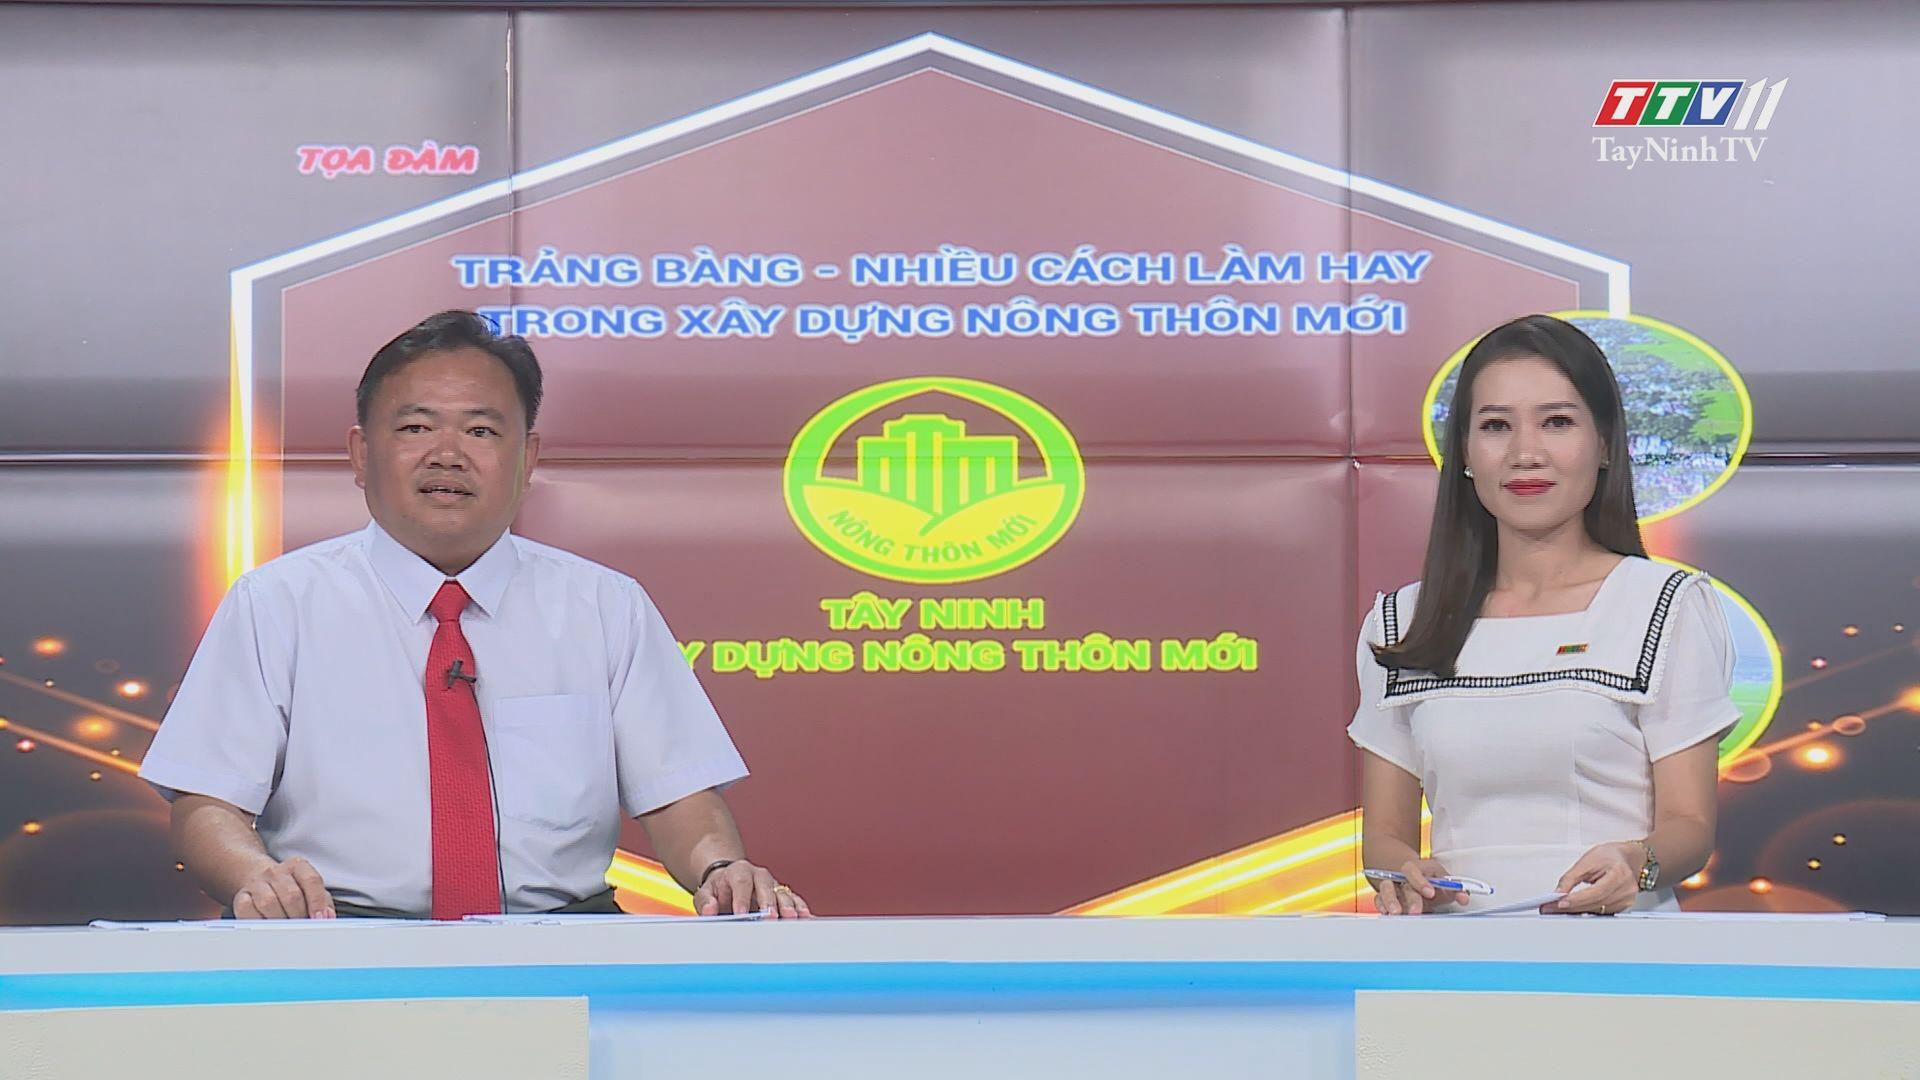 Trảng Bàng-Nhiều cách làm hay trong xây dựng nông thôn mới   TayNinhTV